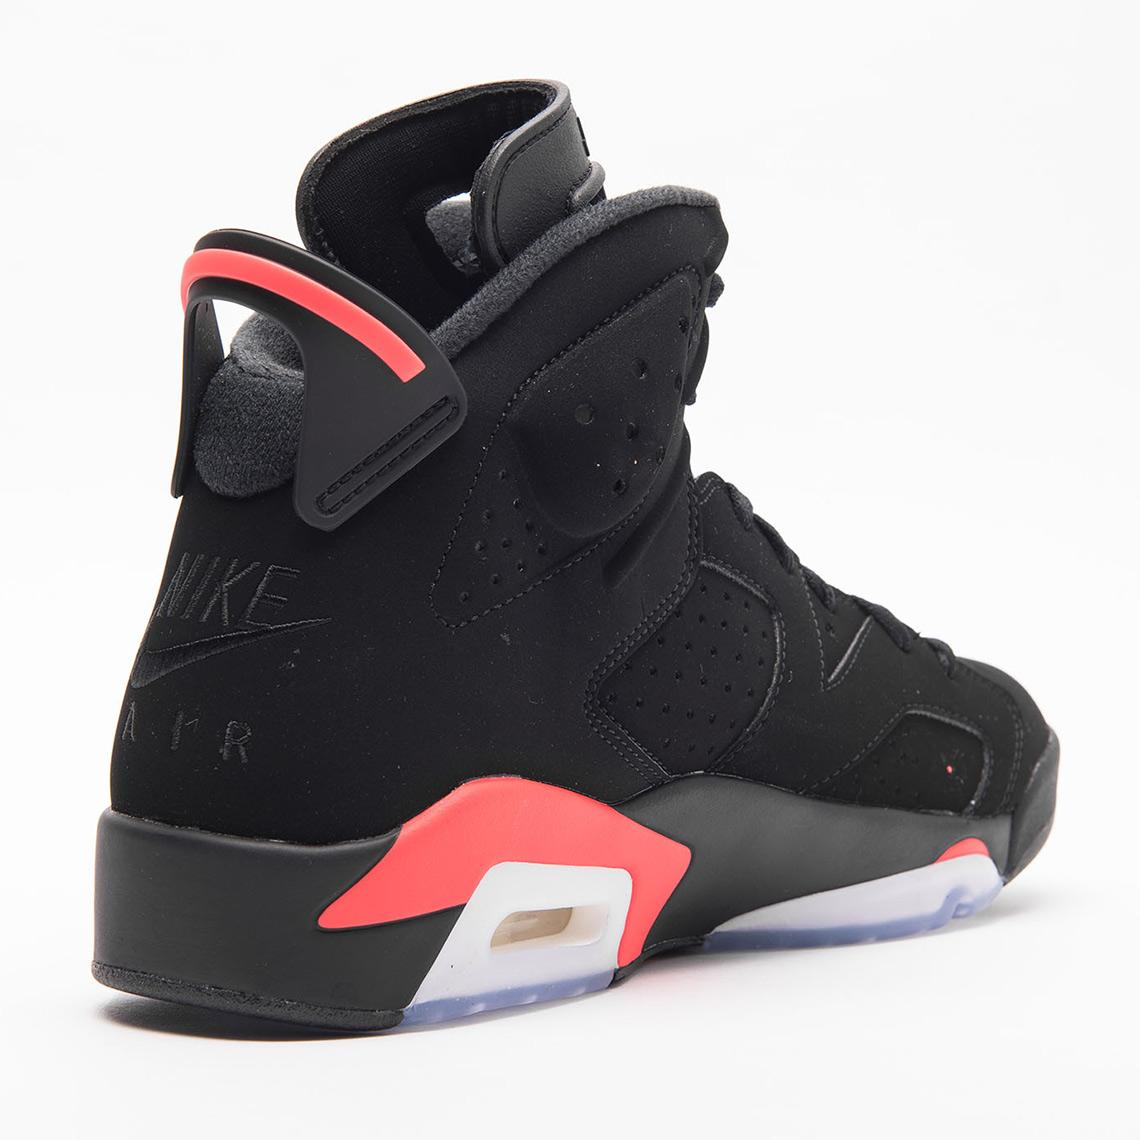 0a04bd7045c Air Jordan 6 Retro Black Infrared 384664-060 Release Date ...